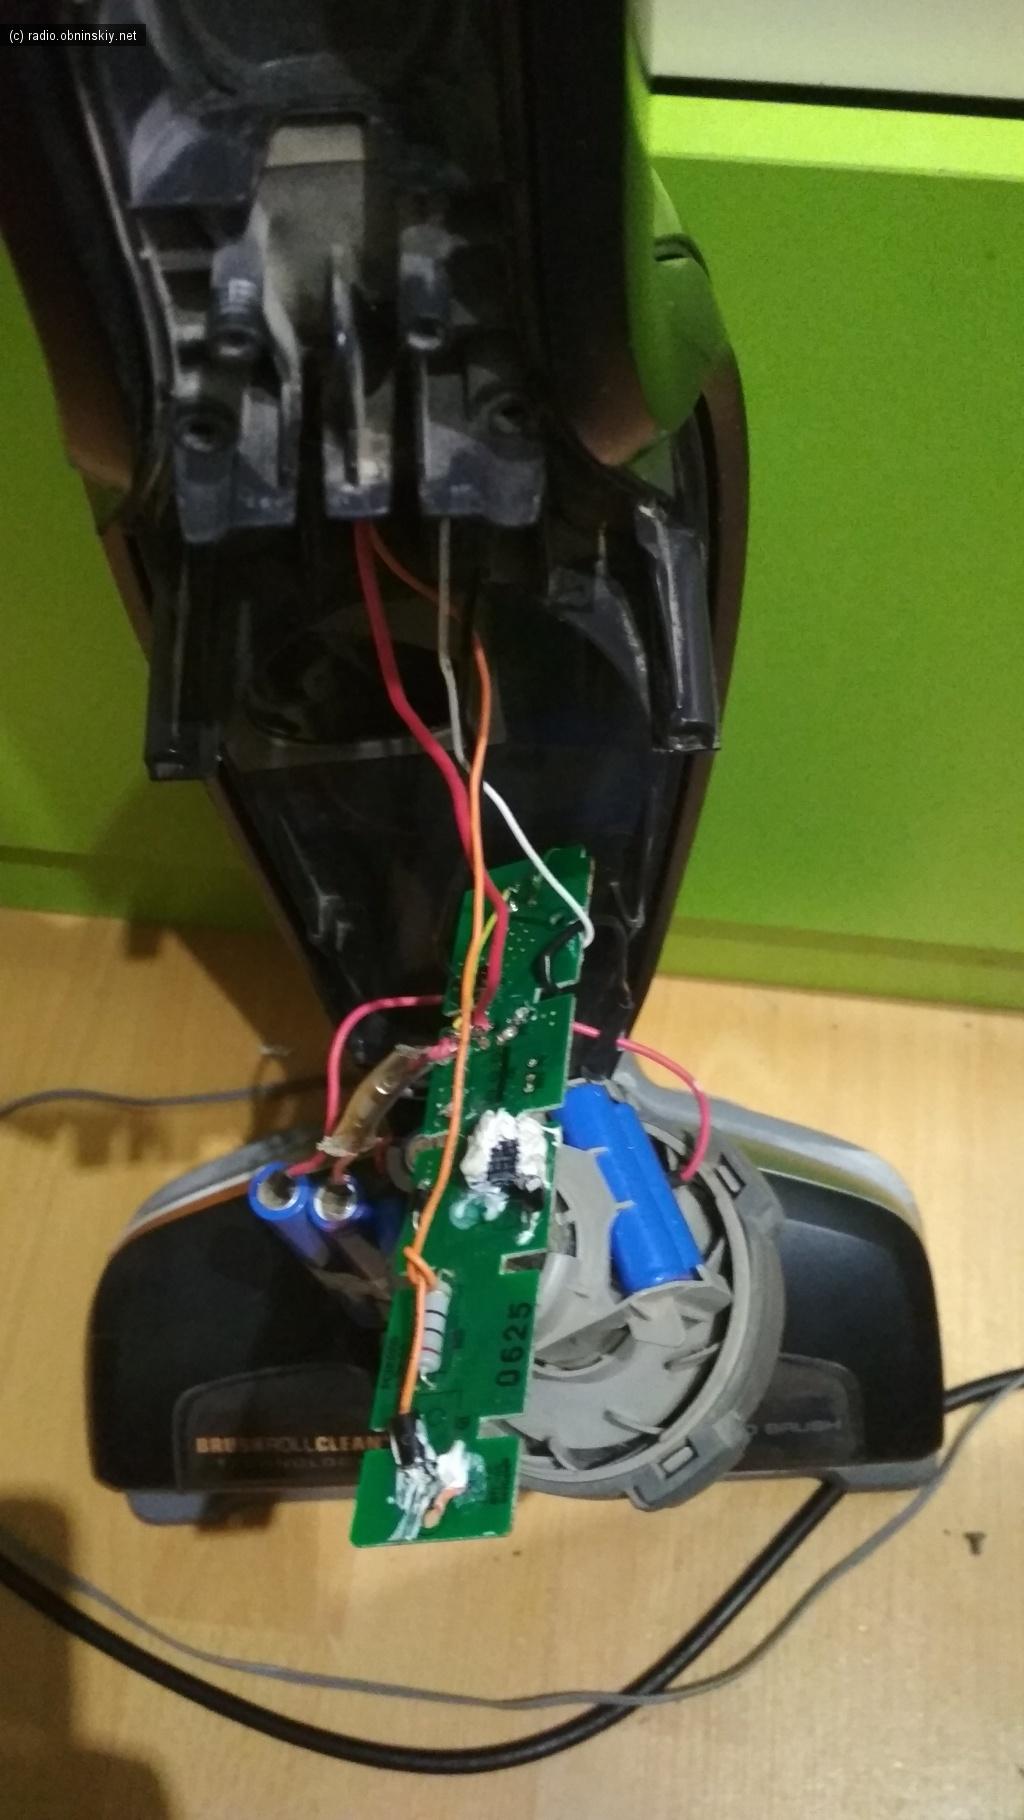 ELECTROLUX пылесос несосёт аккумулятор сел